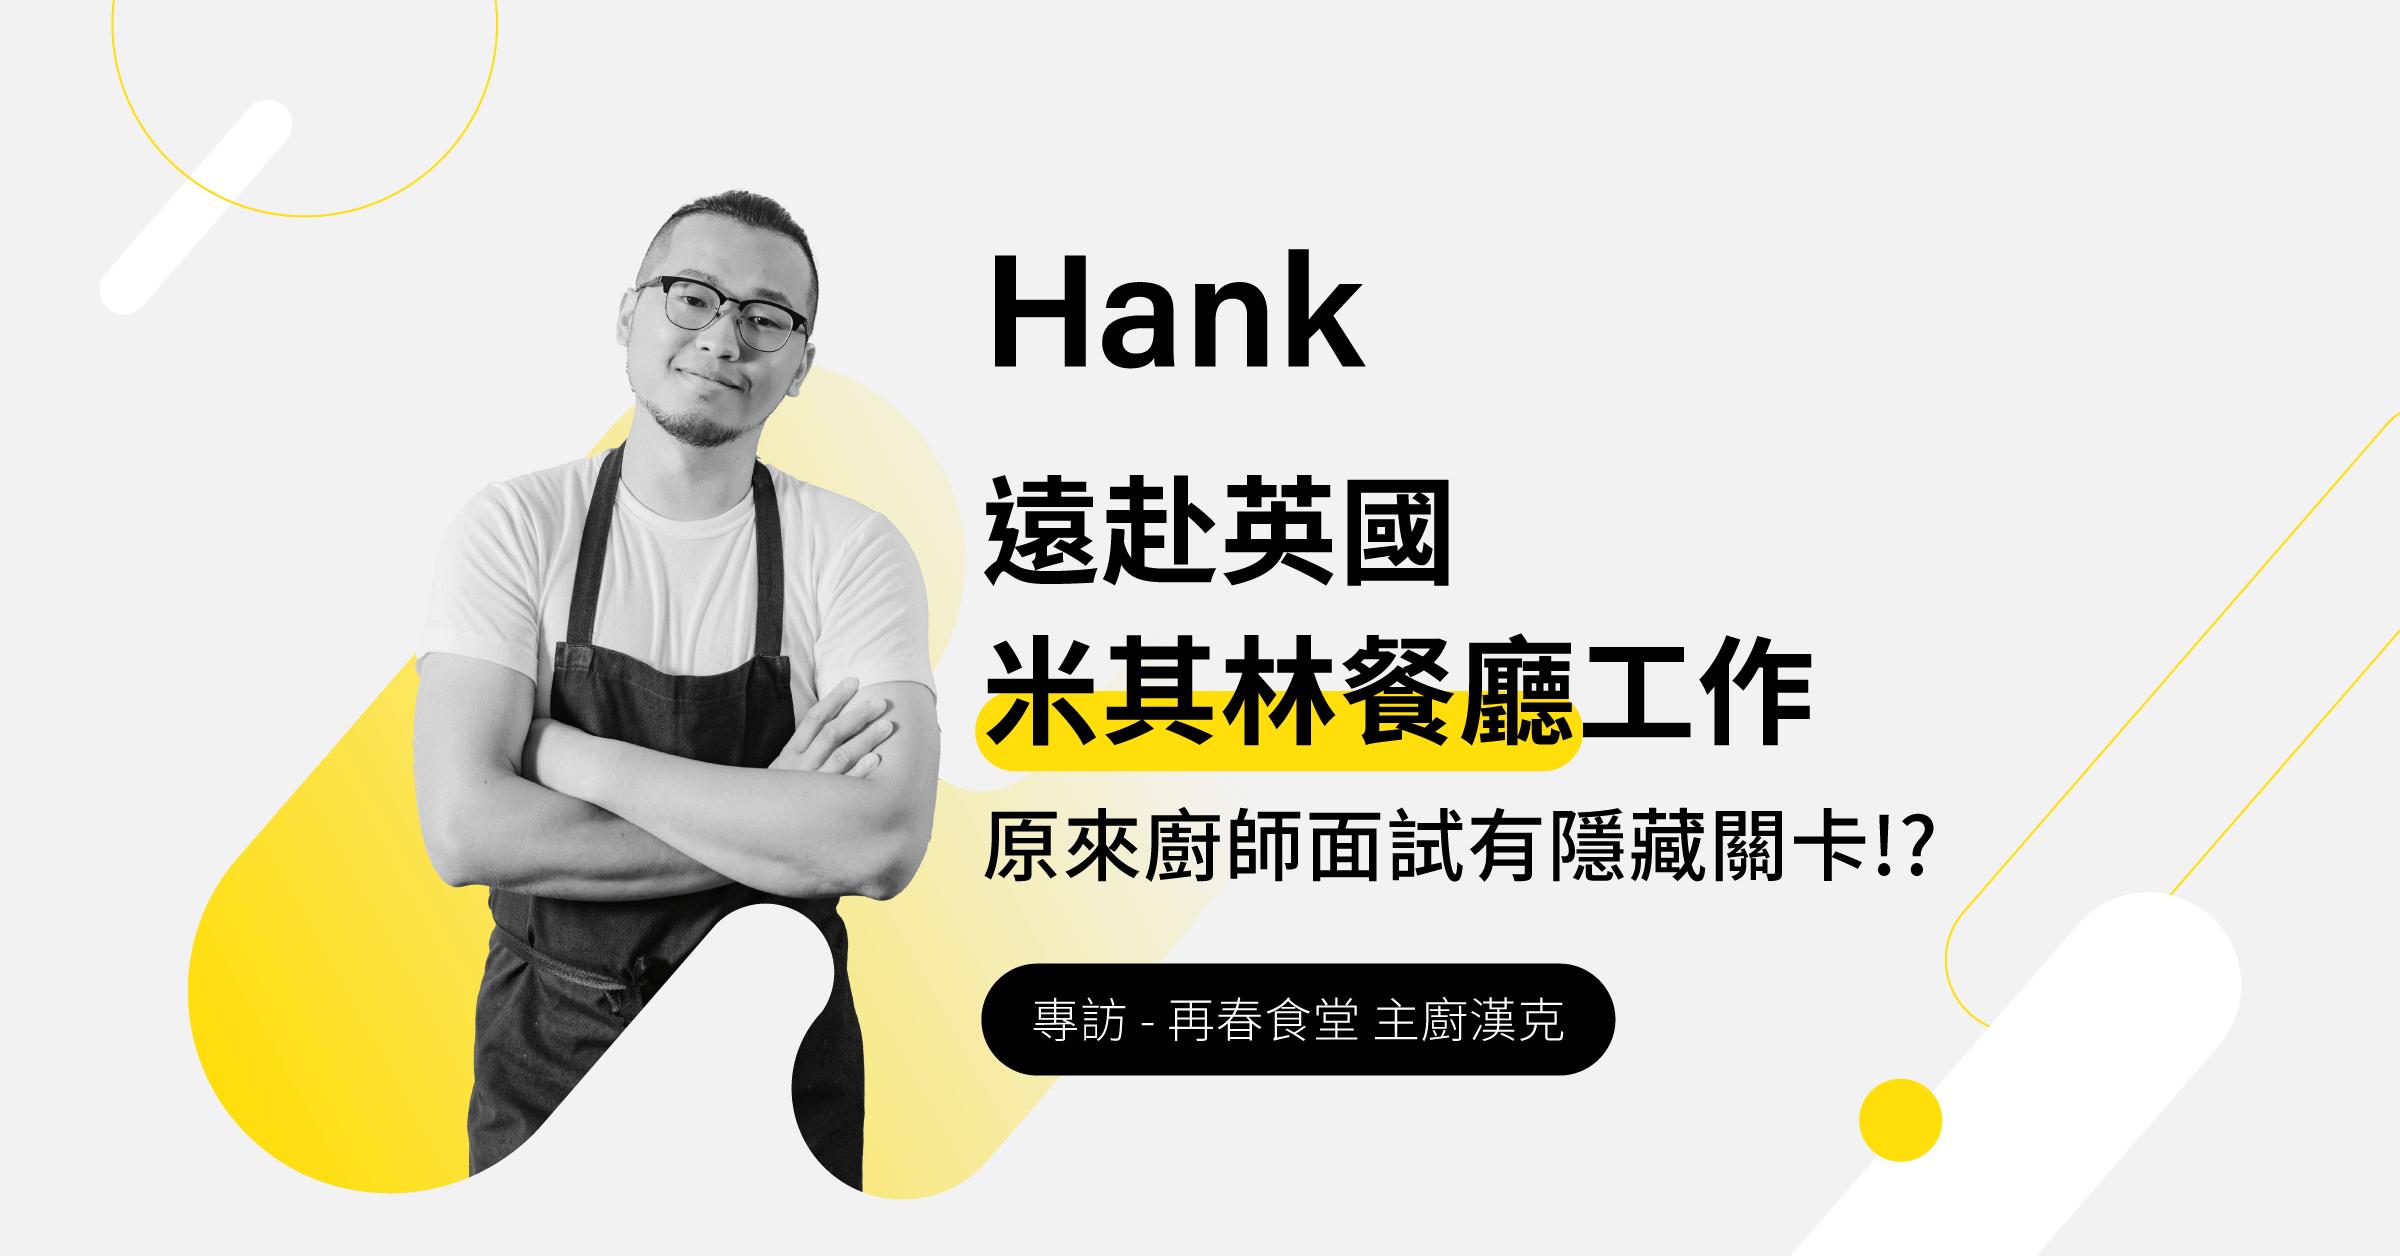 國外廚師面試有隱藏關卡?從歐姆蛋看你的火侯 ── 專訪 廚師漢克 Hank